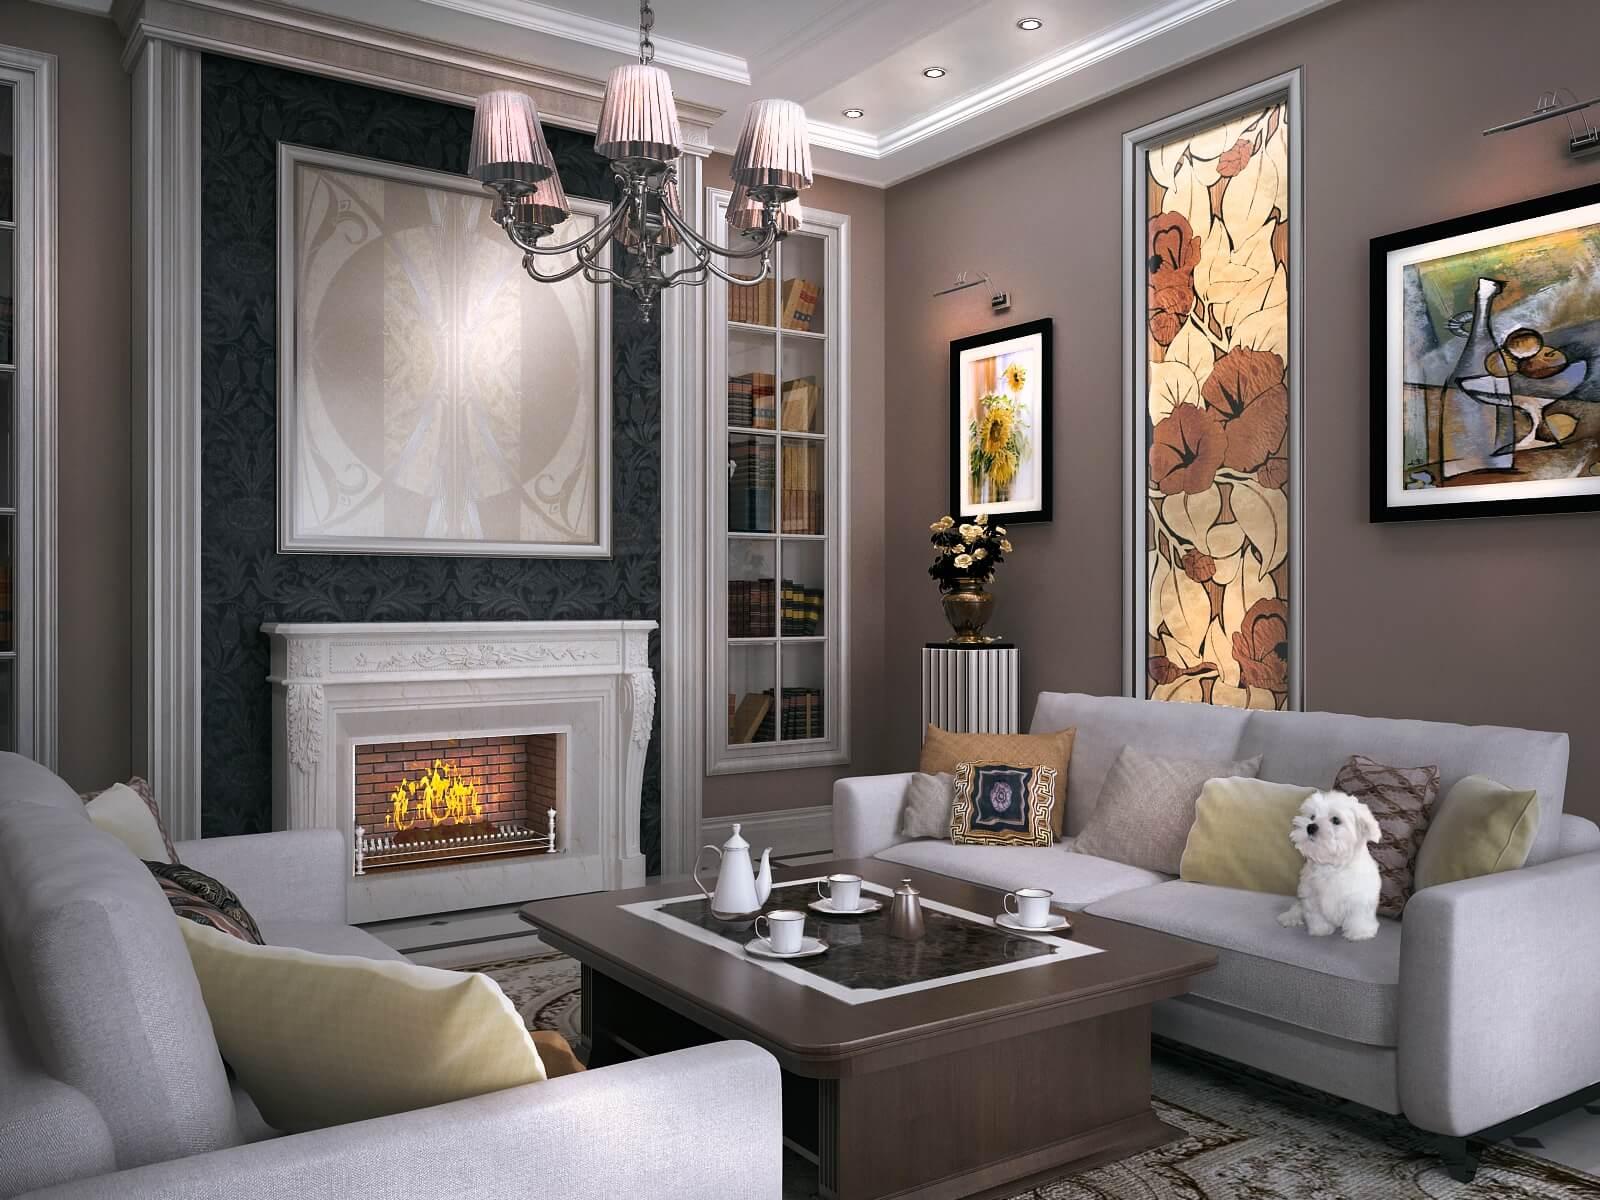 Кухня гостиная 27 кв м дизайн с камином